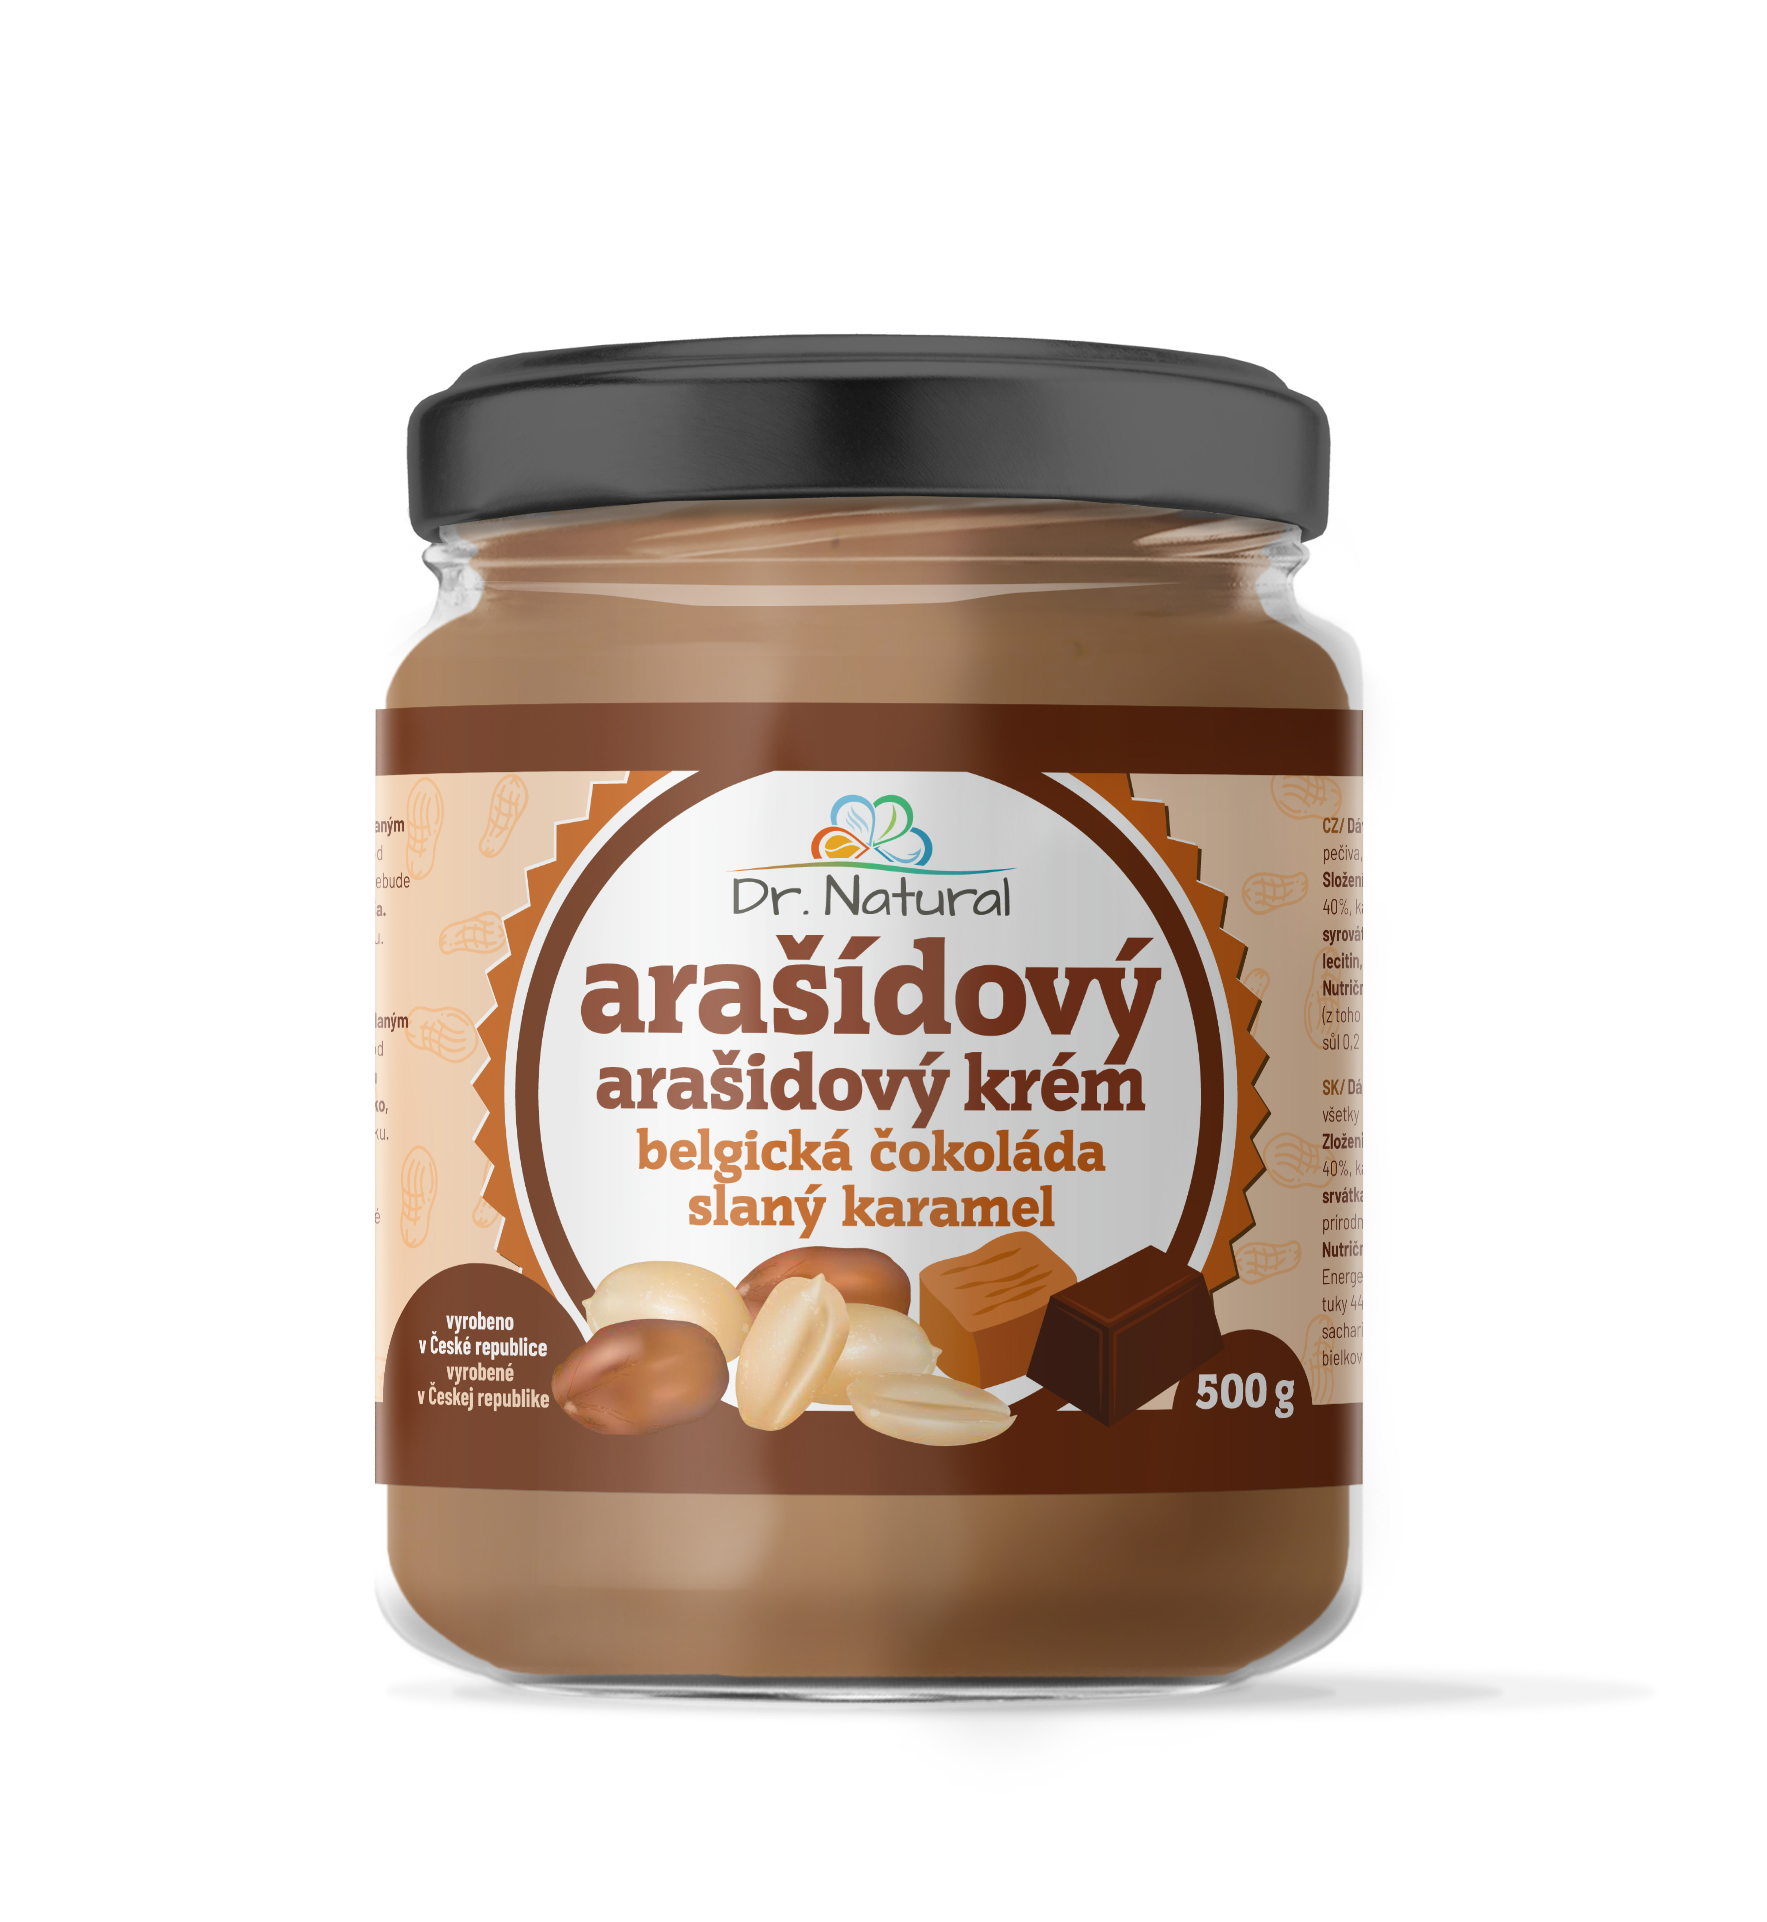 Dr.Natural Arašídový krém belgická čokoláda slaný karamel 500g